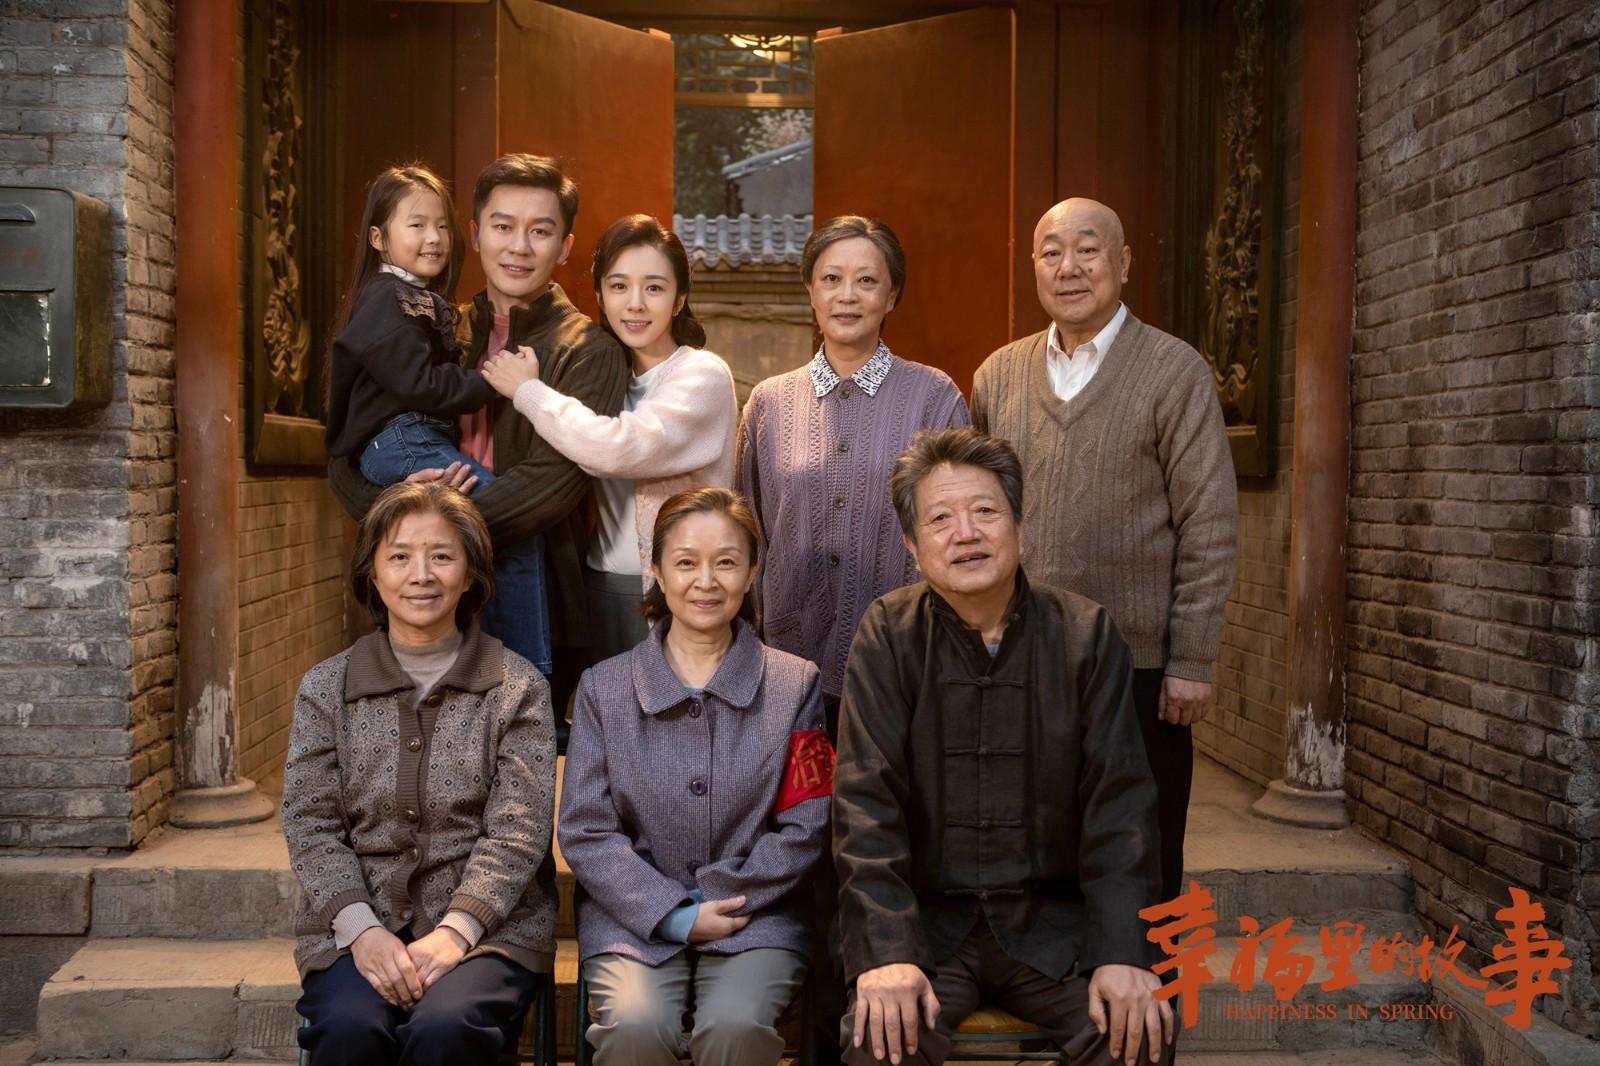 烟火戏剧《幸福里的故事》开播 李晨、王晓晨演绎北京青年